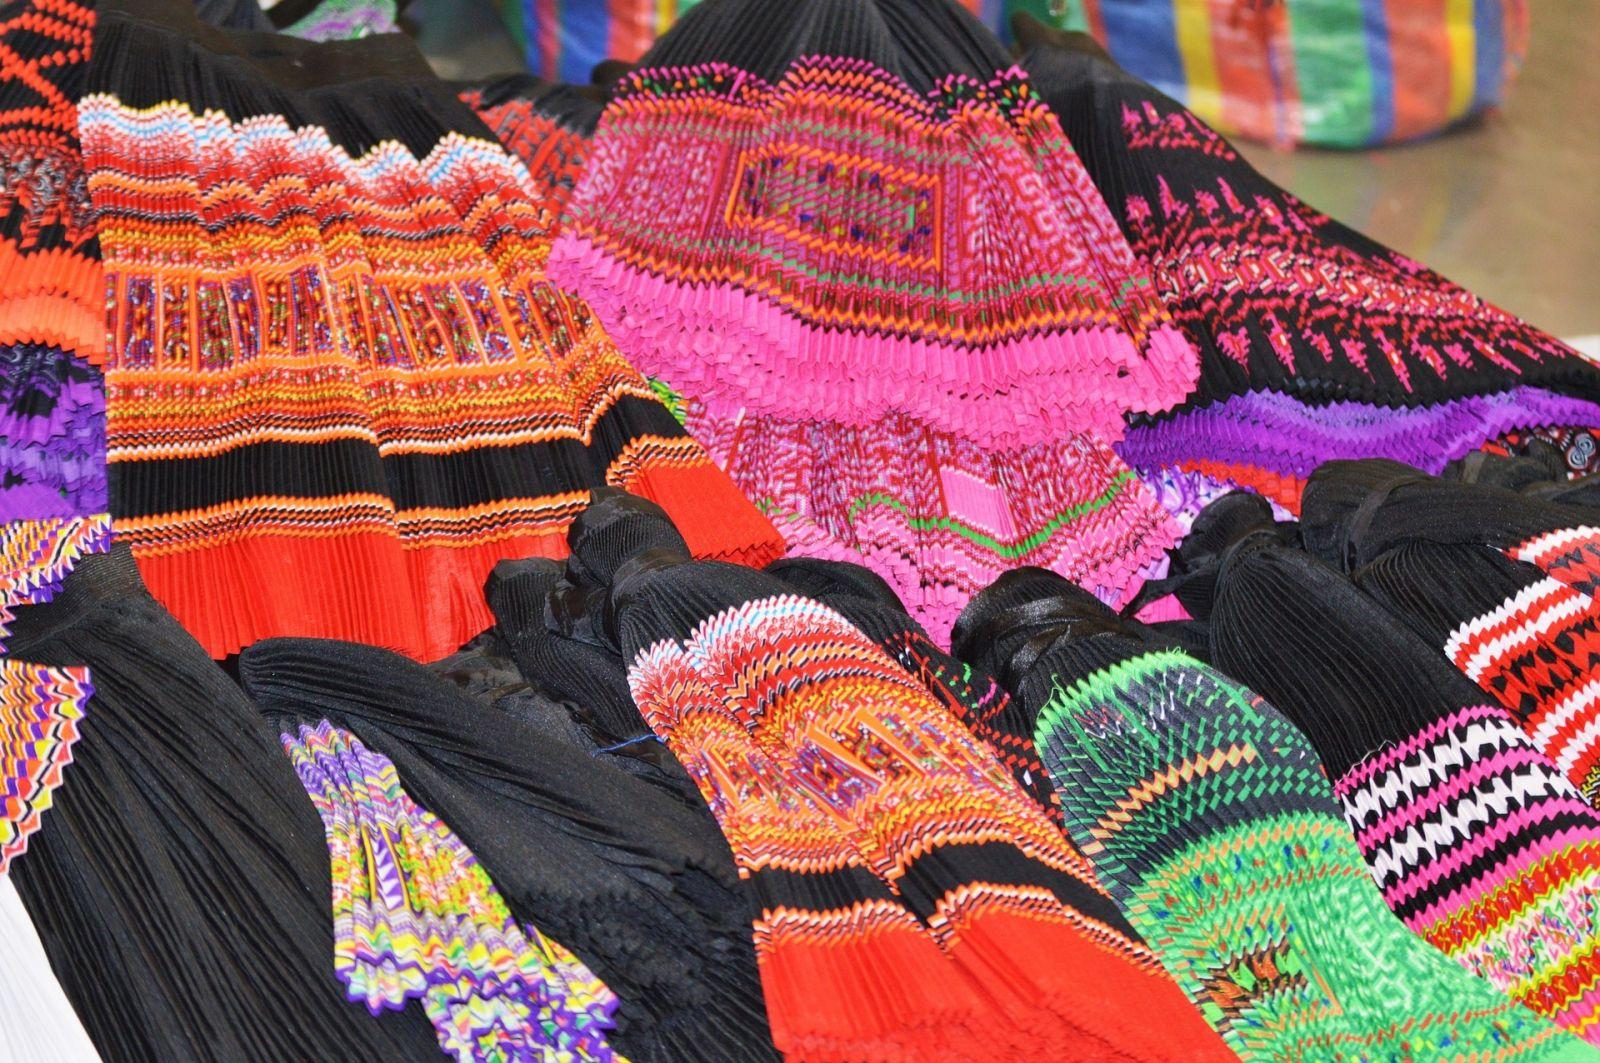 цены на одежду в Таиланде